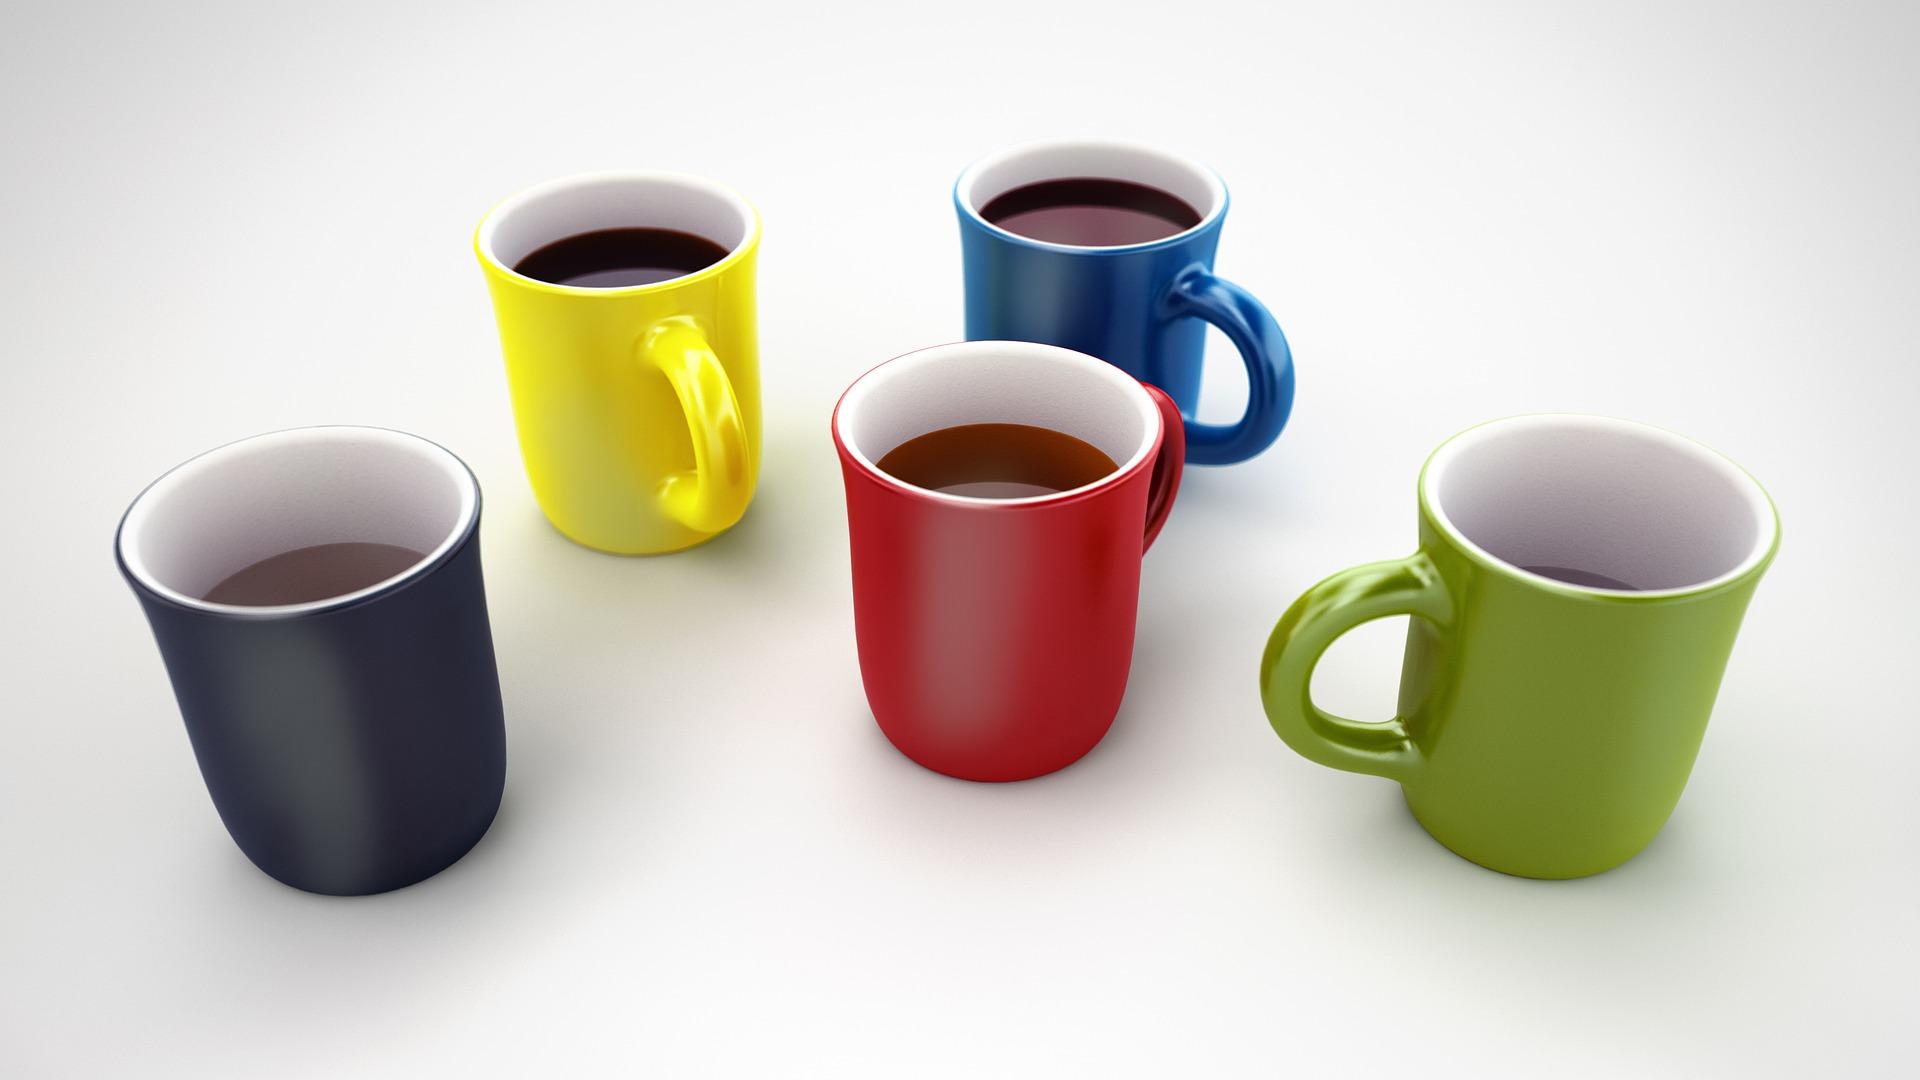 マラソンでのカフェインの効果とおすすめの使い方